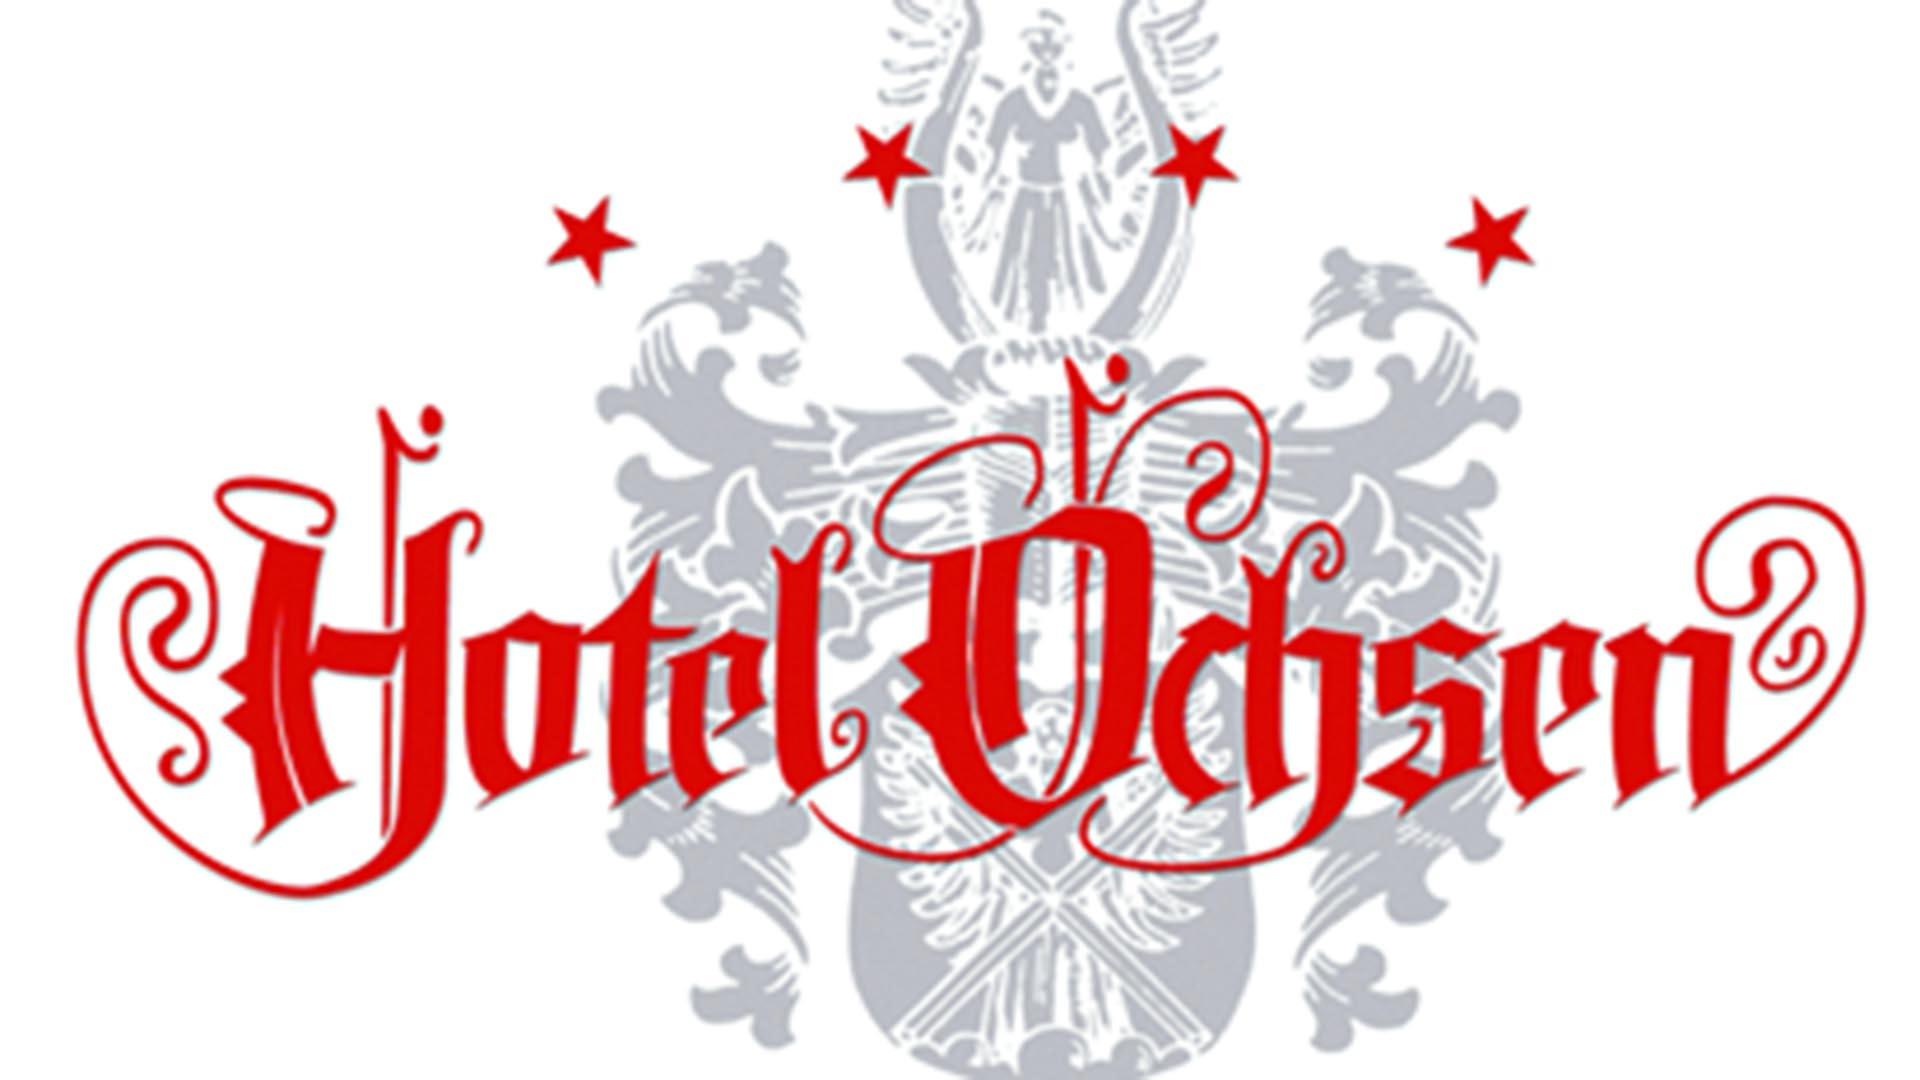 tourenfahrer hotels hotel ochsen gmbh nordschwarzwald deutschland. Black Bedroom Furniture Sets. Home Design Ideas